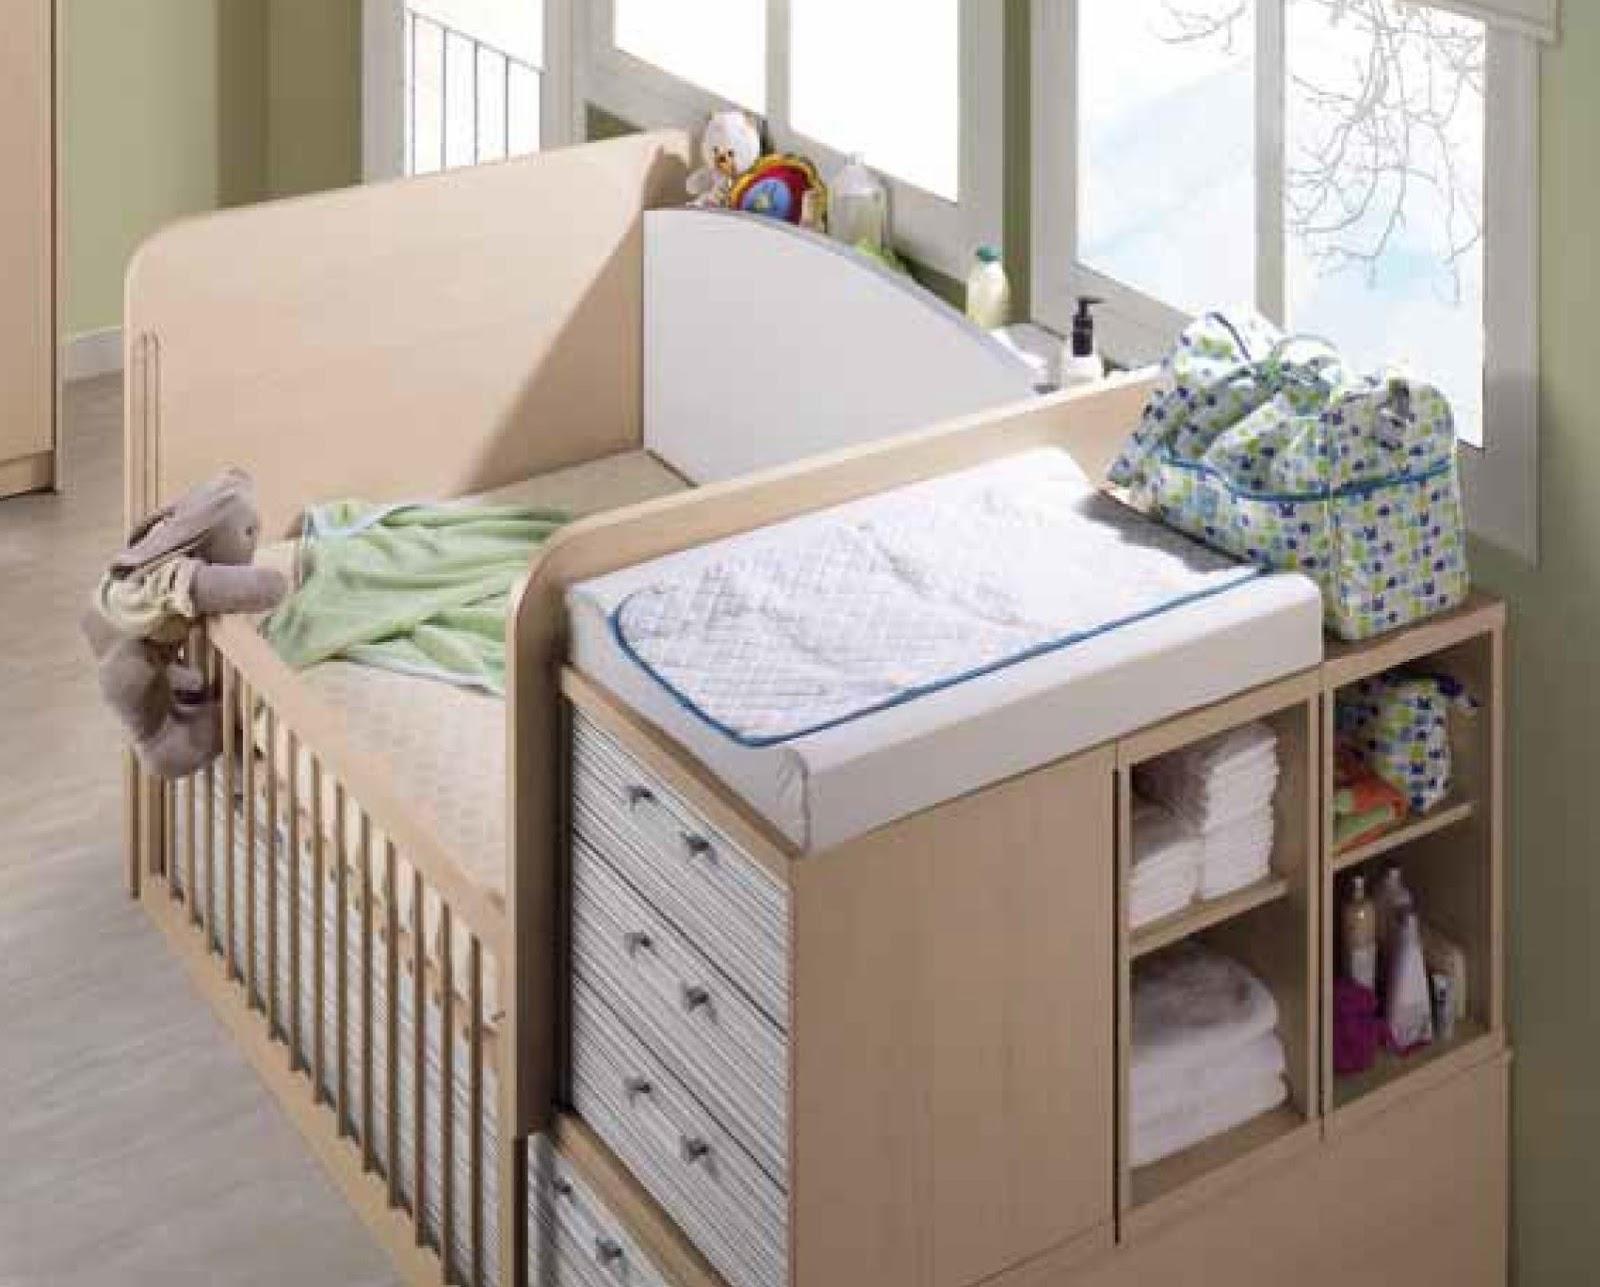 Blog de mbar muebles cunas - Cambiador bebe para cuna ...